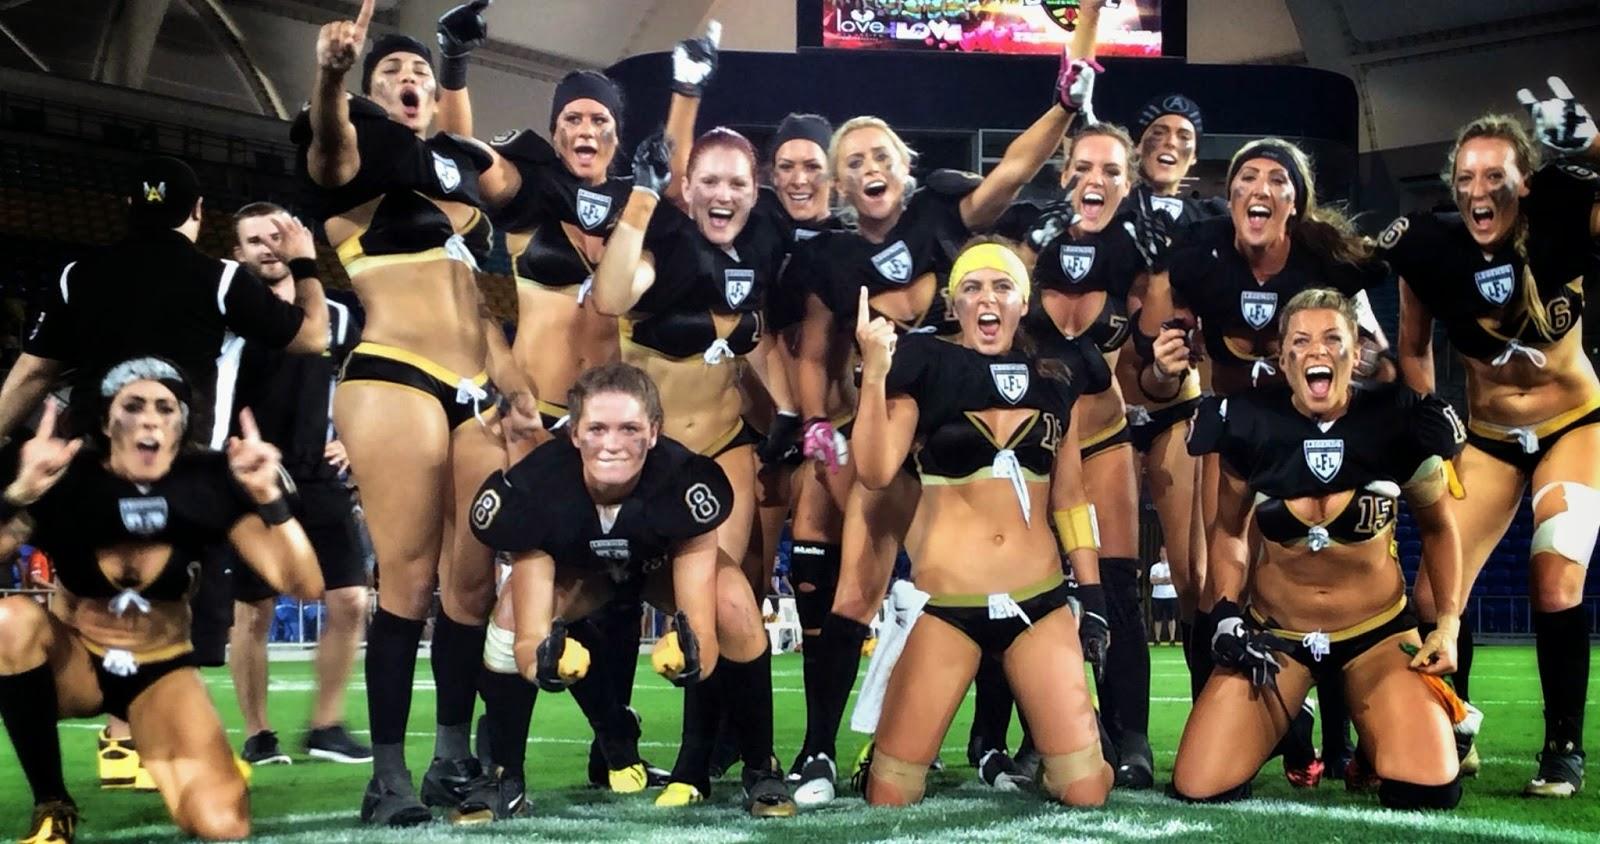 Lingerie Bowl La Liga De Las Chicas Rudas Y Guapas Del Futbol Americano